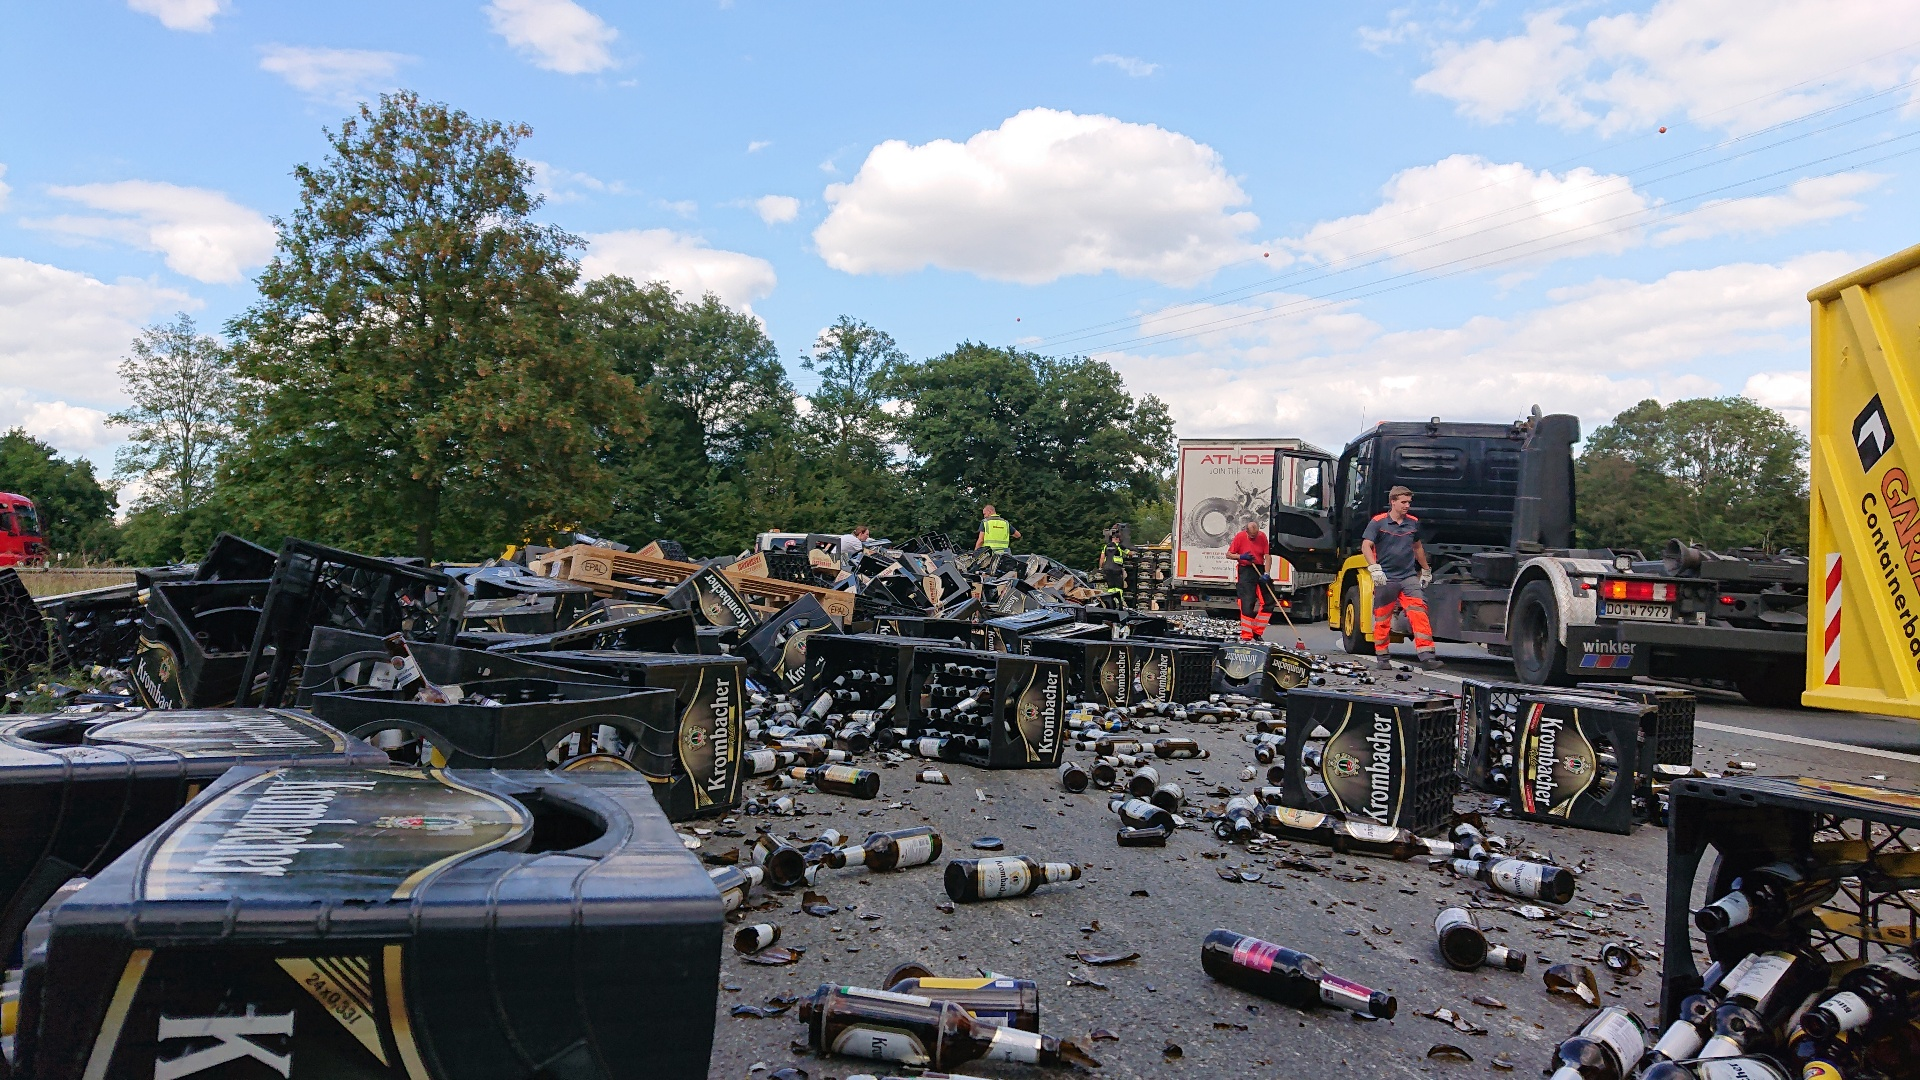 Lkw verloren Ladung wegen offenbar unsachgemäßer Ladungssicherung